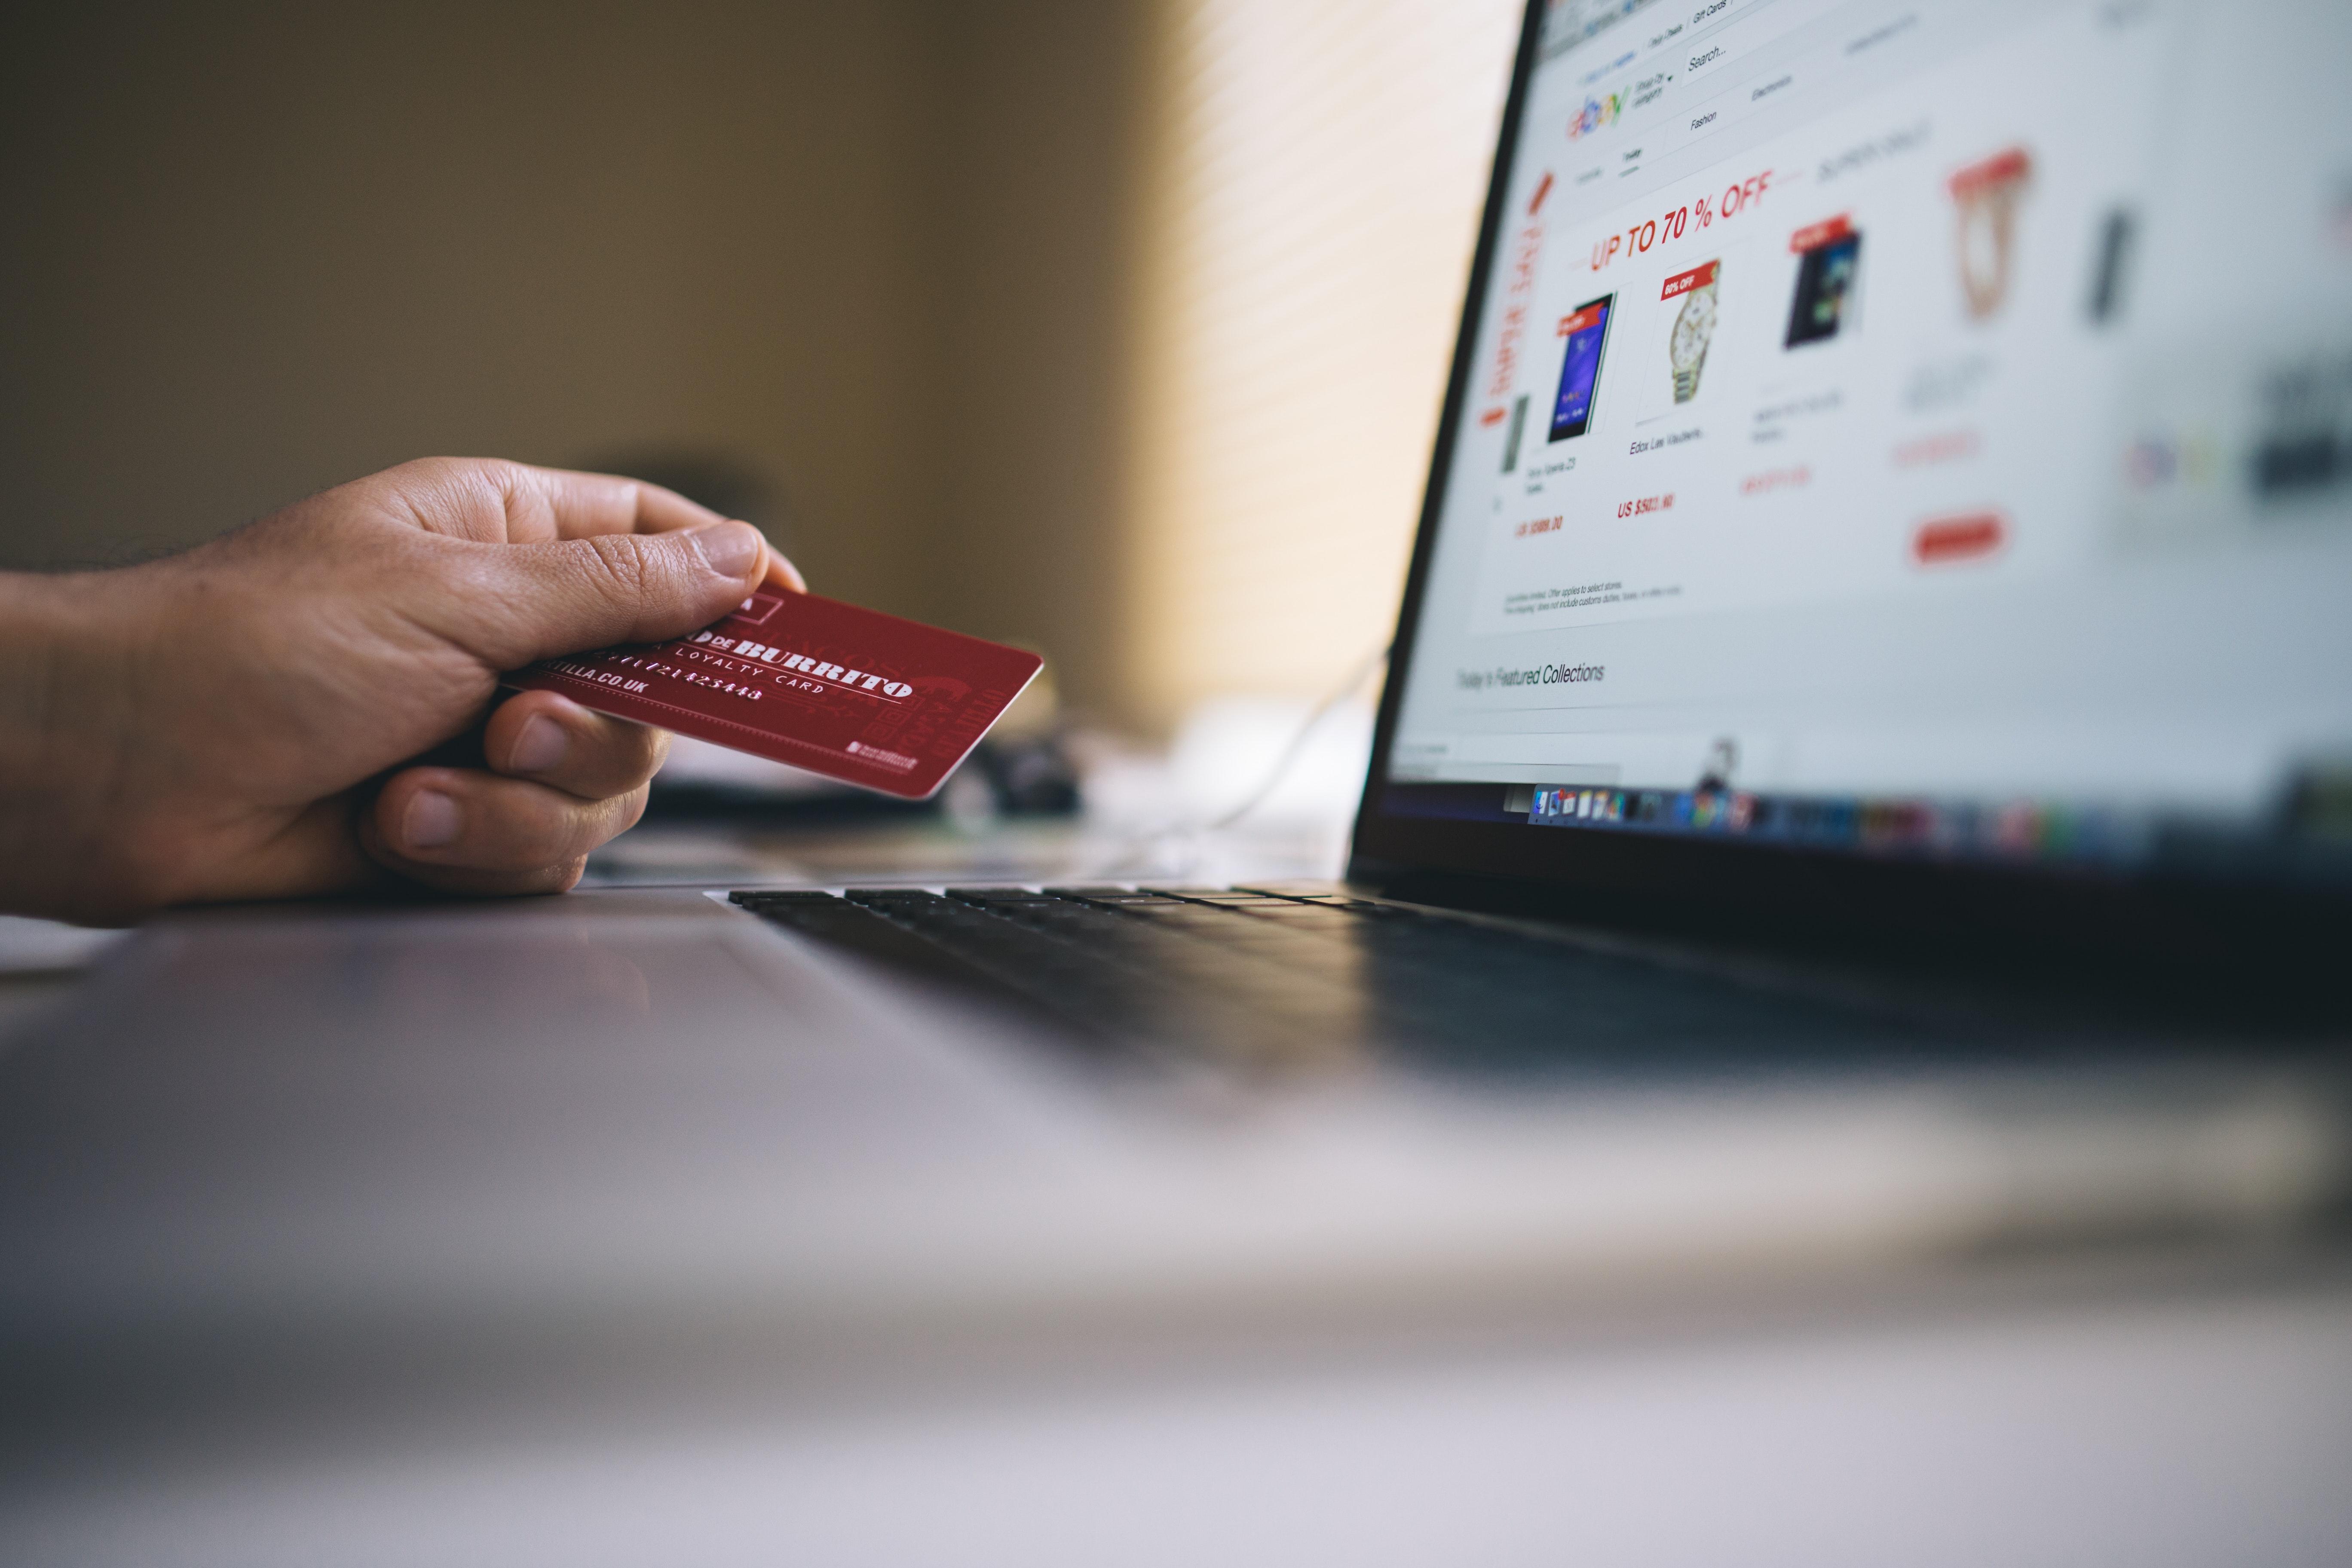 Quali sono i fattori che determinano le nostre scelte consumistiche?